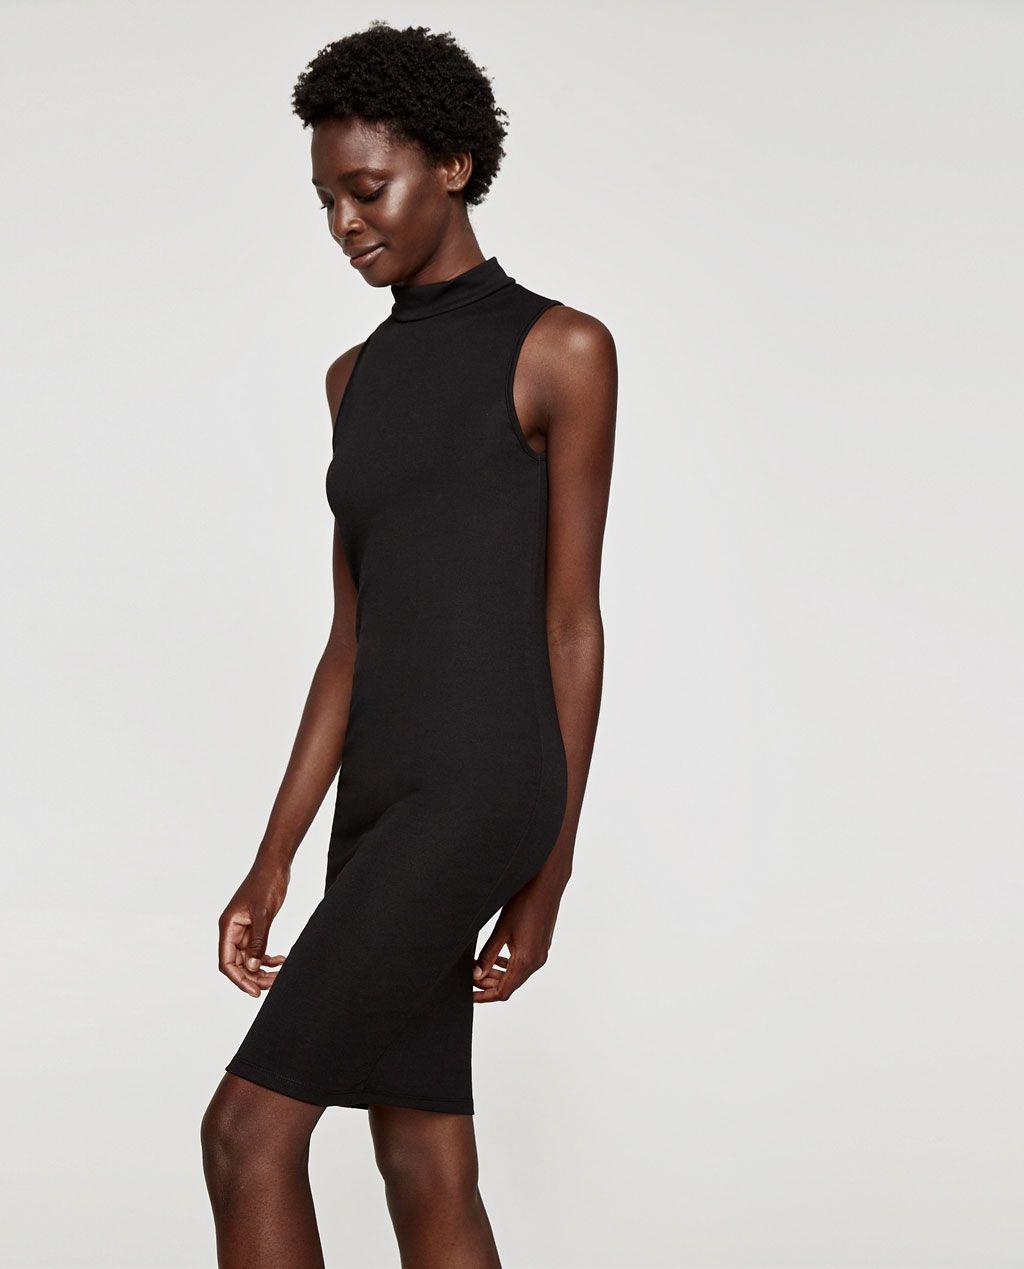 STRETCHKLEID MIT SCHORNSTEINKRAGEN   Zara mode, Kleider für frauen ...